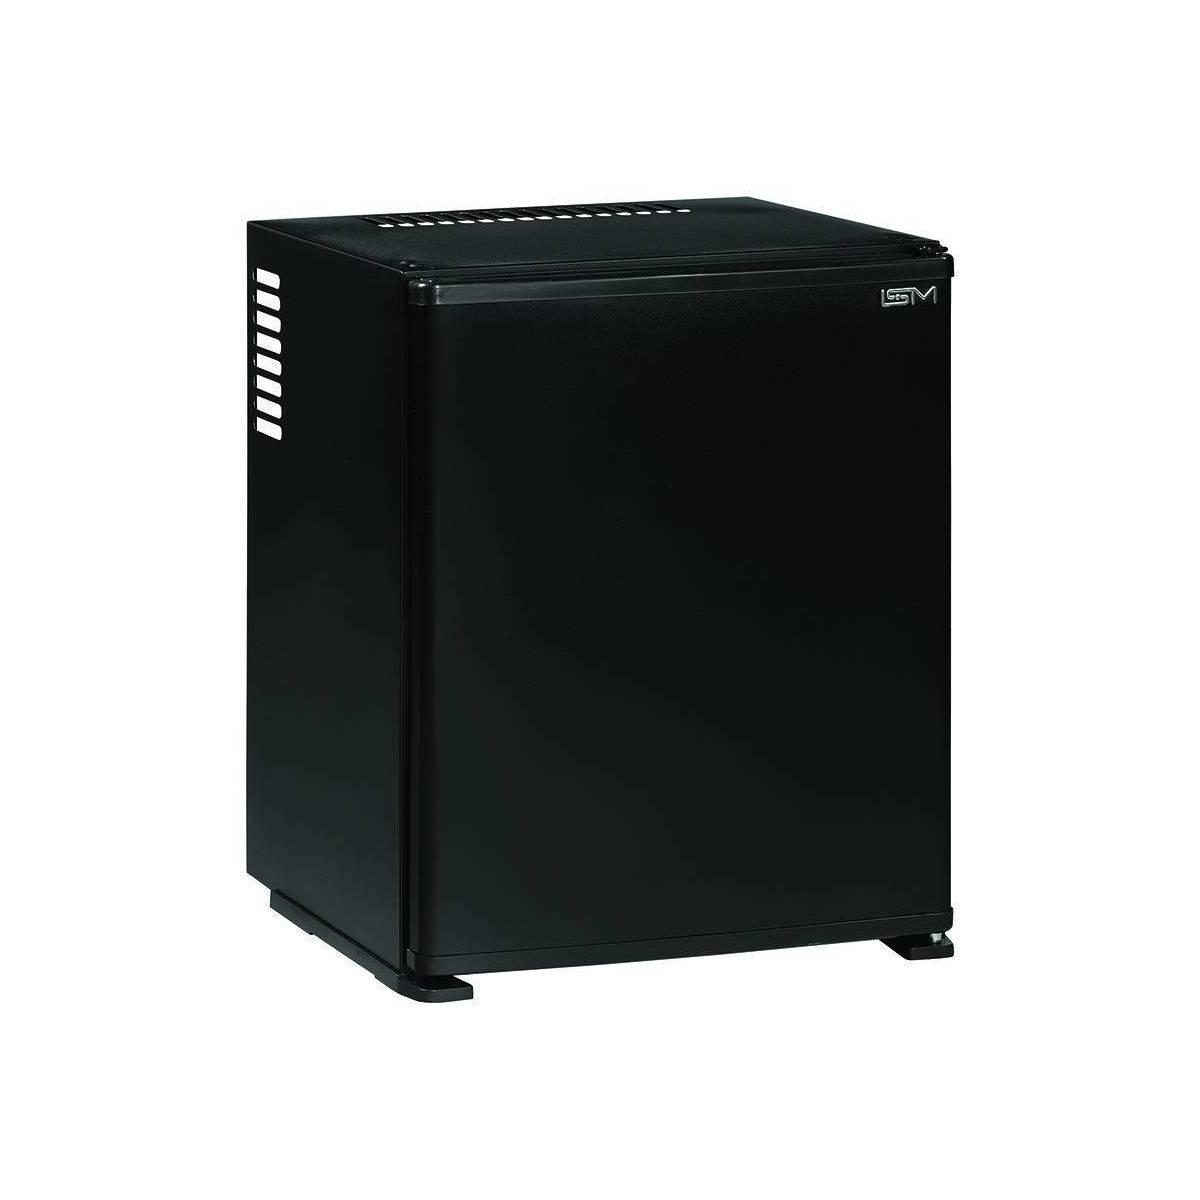 Мини-бар ISM 30 C&C для гостиниц, бескомпрессорный холодильник СС30 ISM